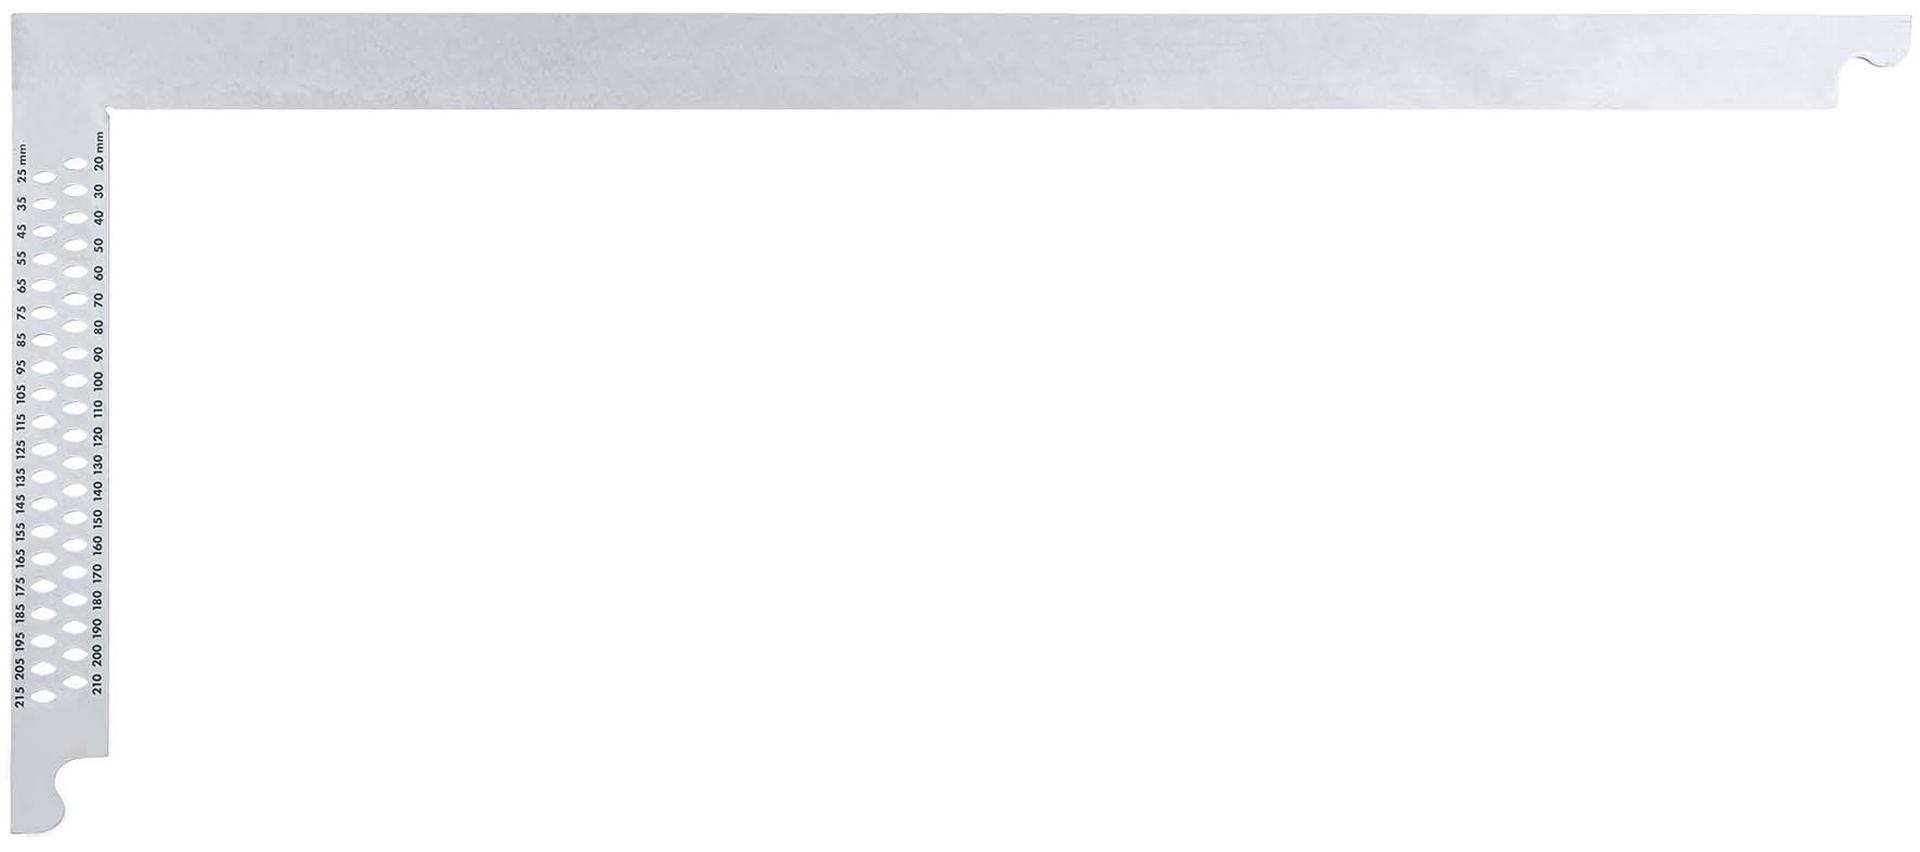 SOLA Zimmermannswinkel ZWZA 700 Stahl verzinkt, 700 mm, mit Anreisslöchern